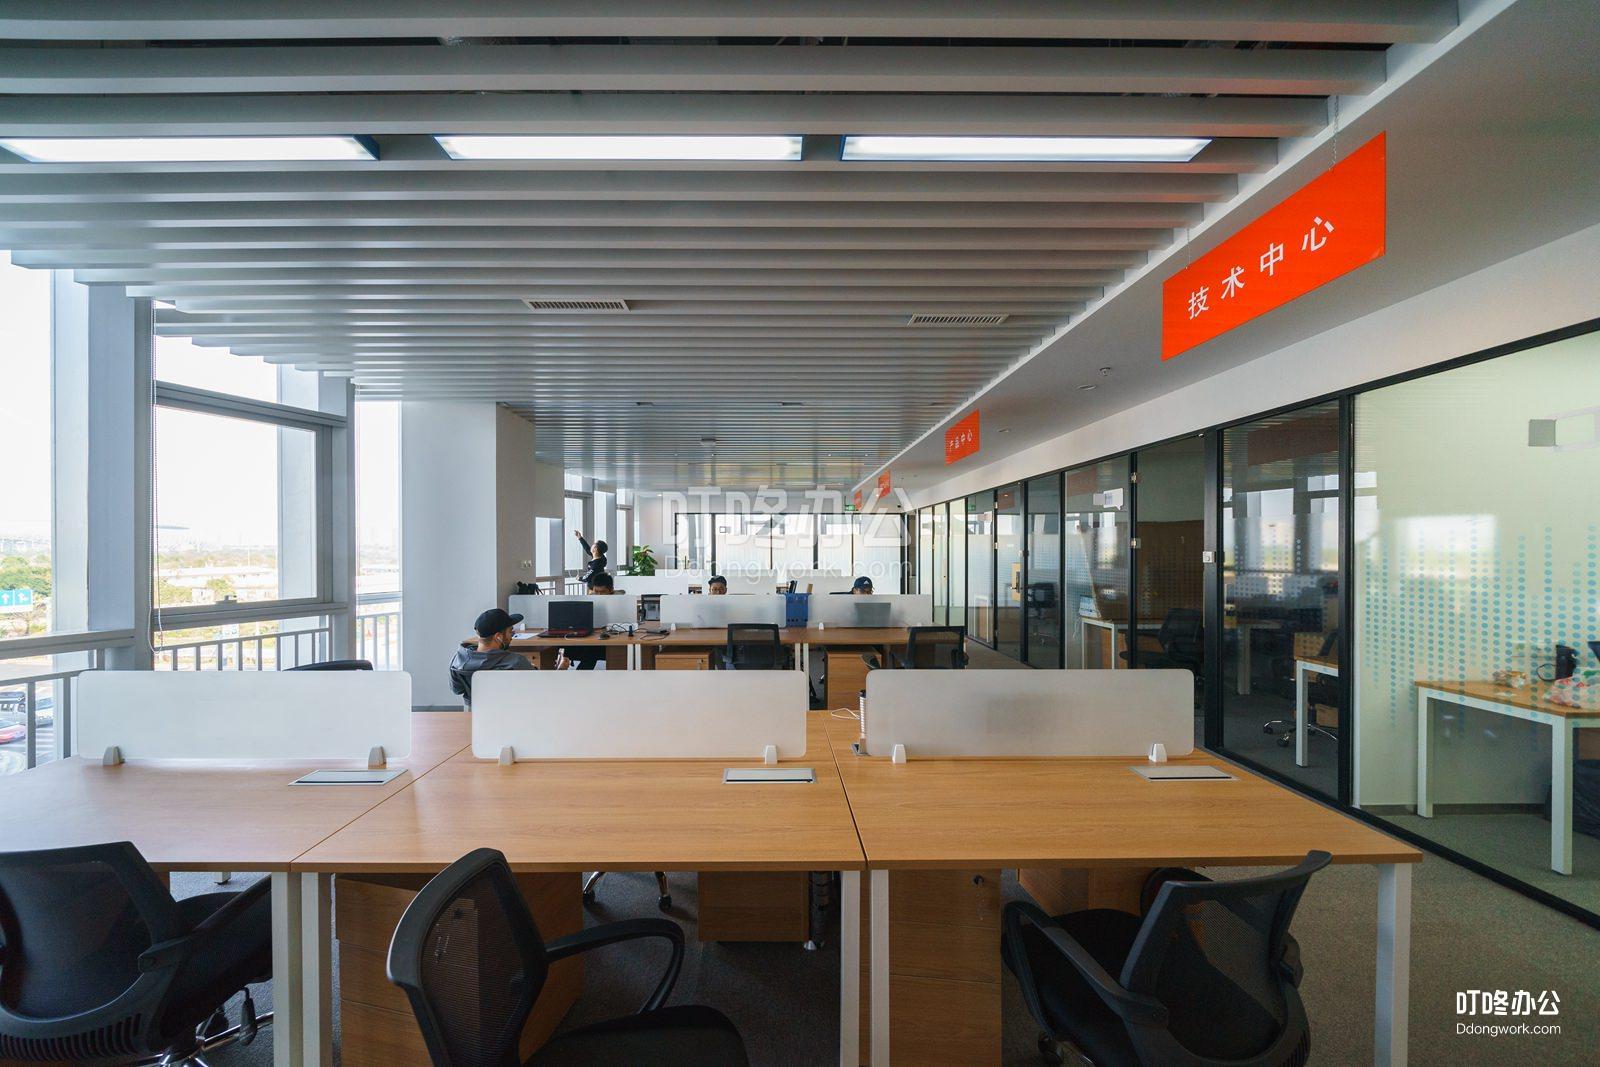 深圳阿里巴巴大厦•优客工场公共区域